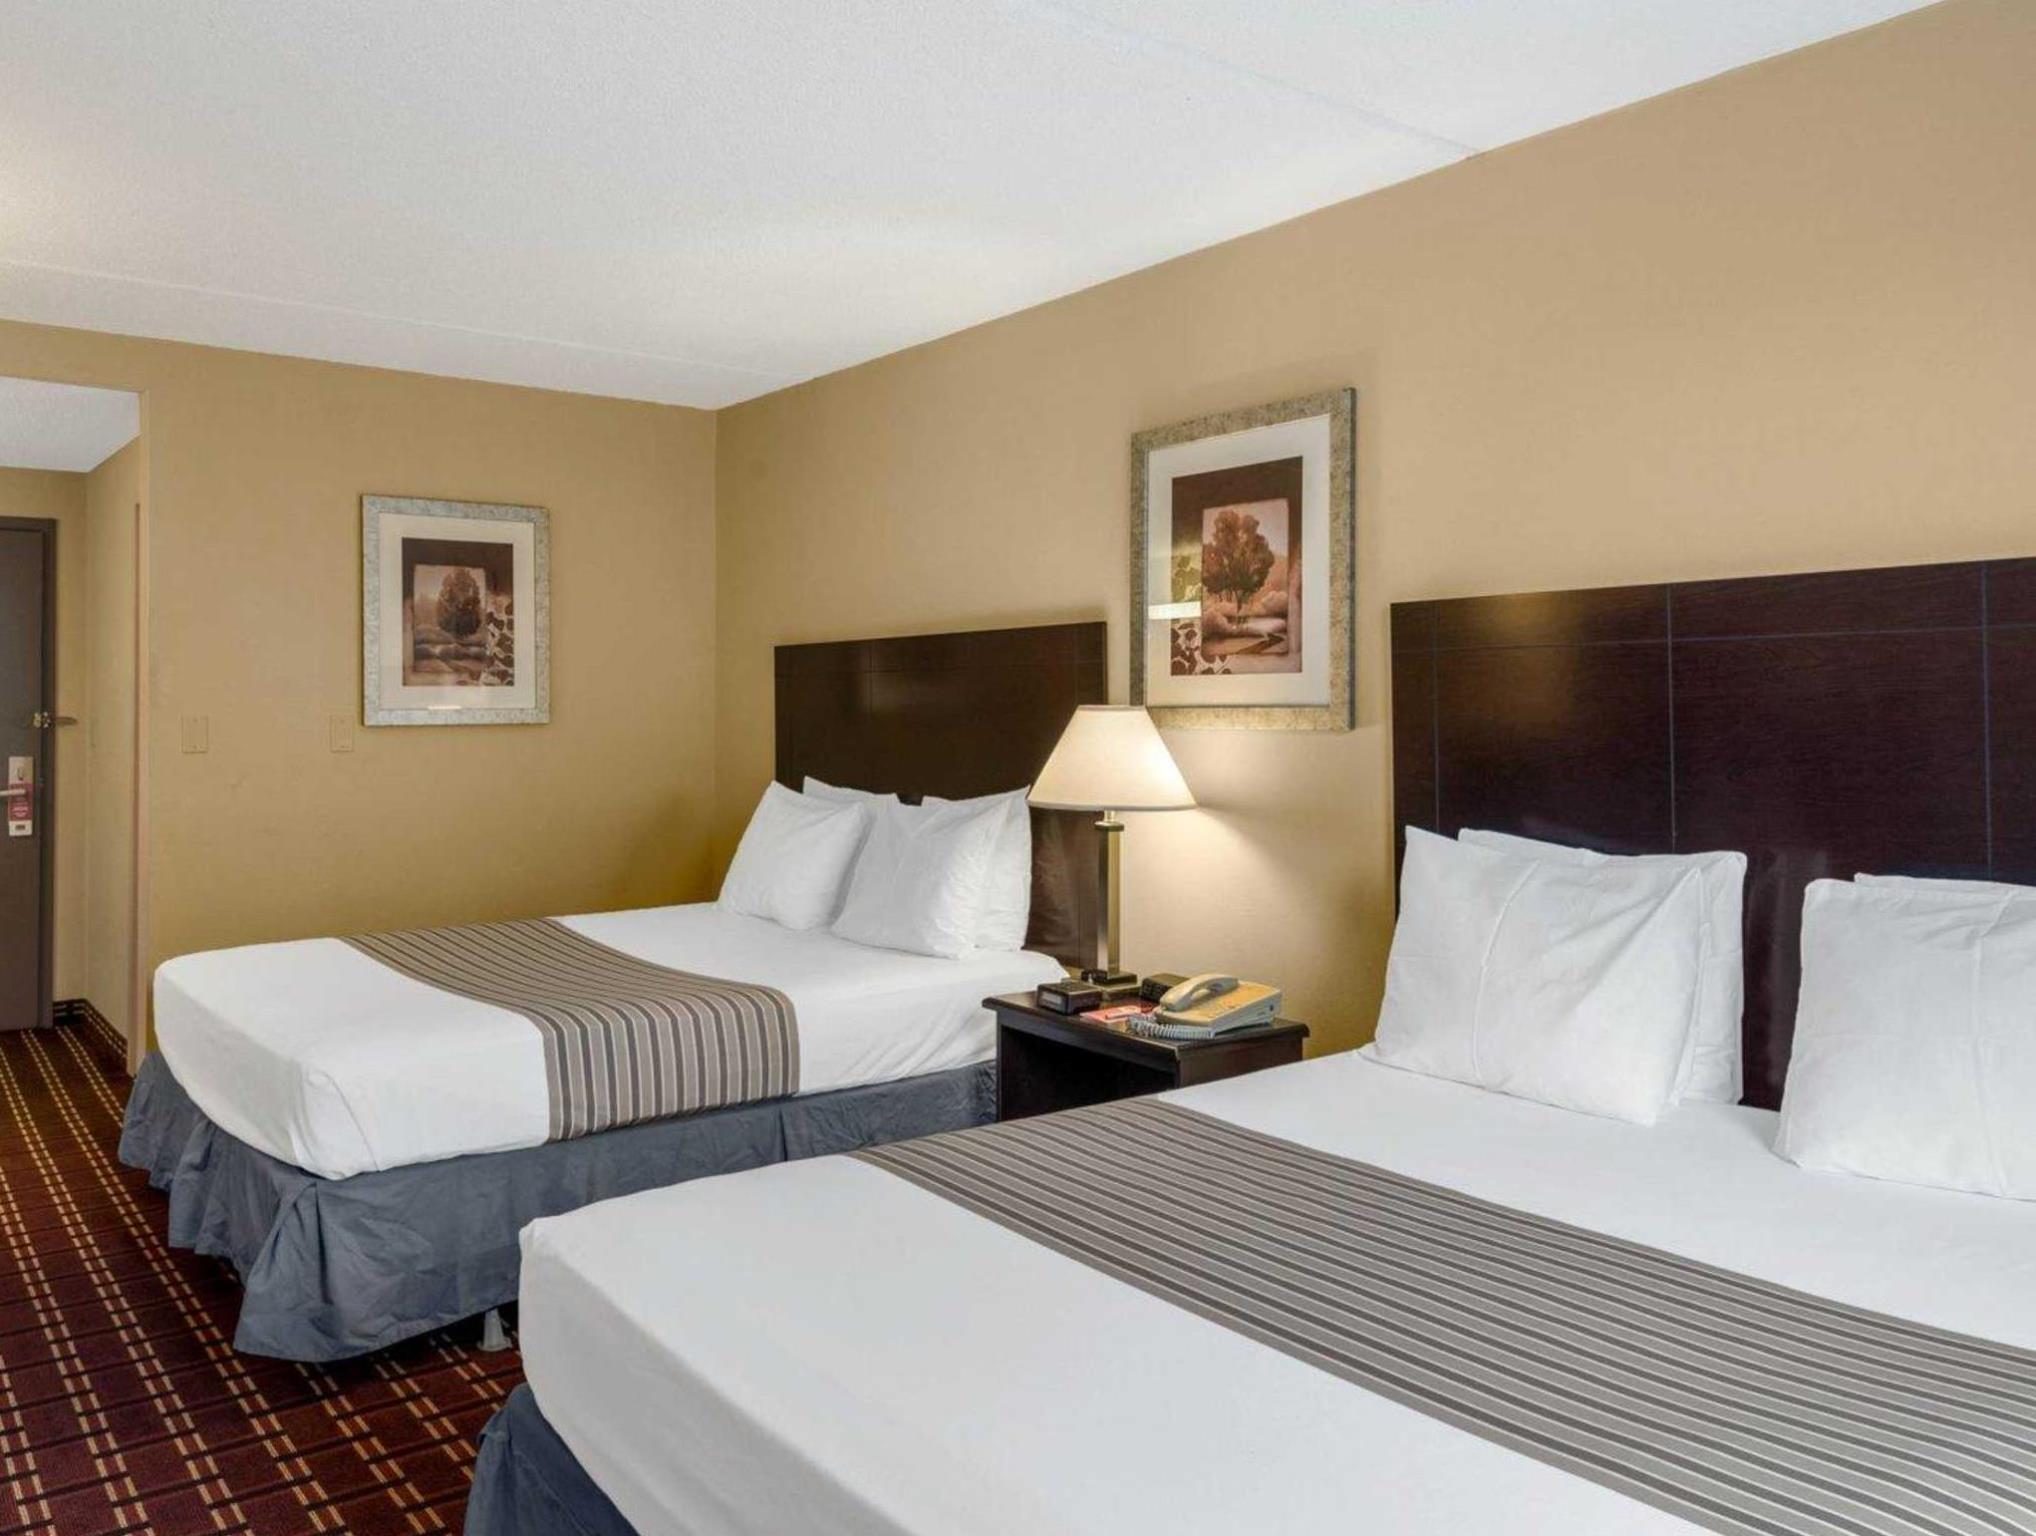 Econo Lodge Inn & Suites Triadelphia - Wheeling, Ohio